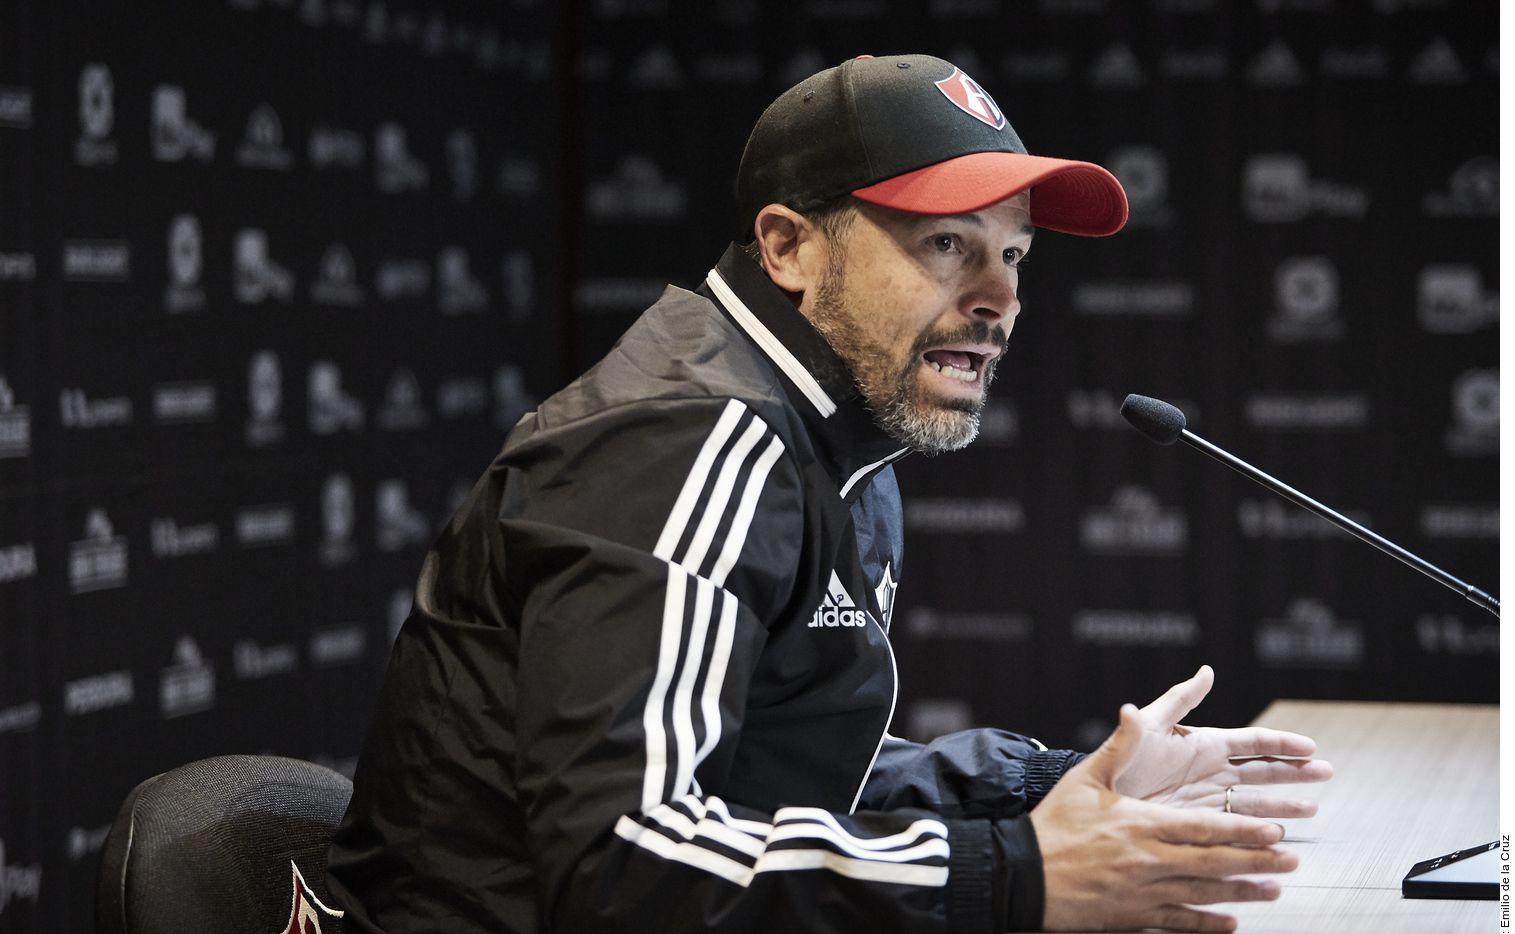 El entrenador del Atlas, Rafael Puente, dijo que su equipo mostrará una cara diferente ante las Águilas del América.